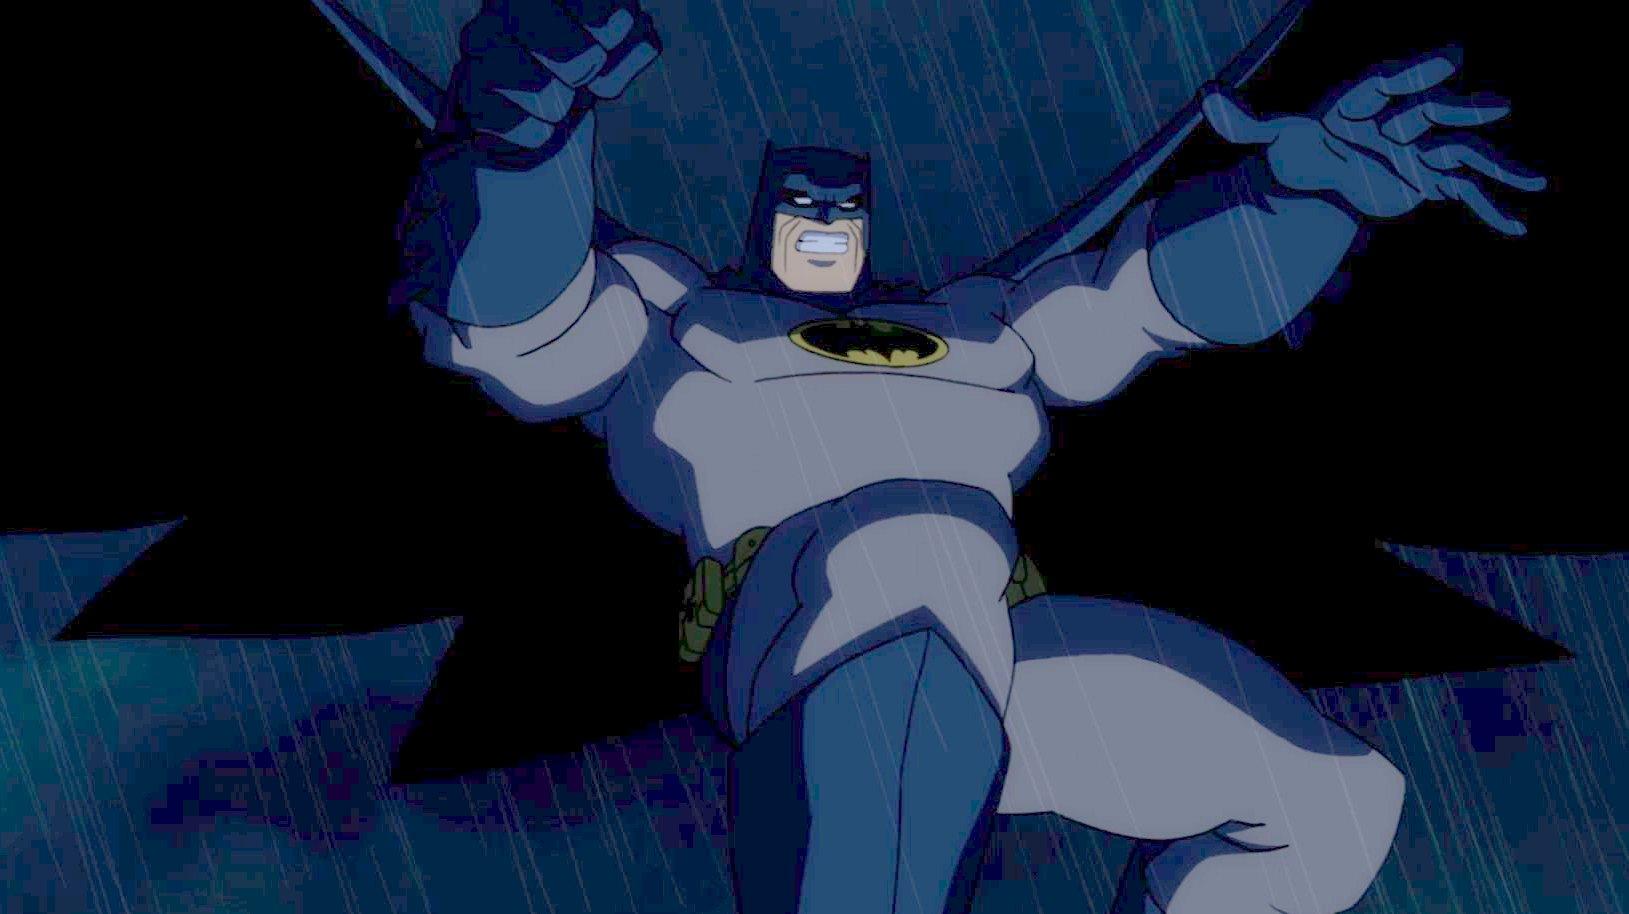 Batman The Dark Knight Returns Wallpapers Movie Hq Batman The